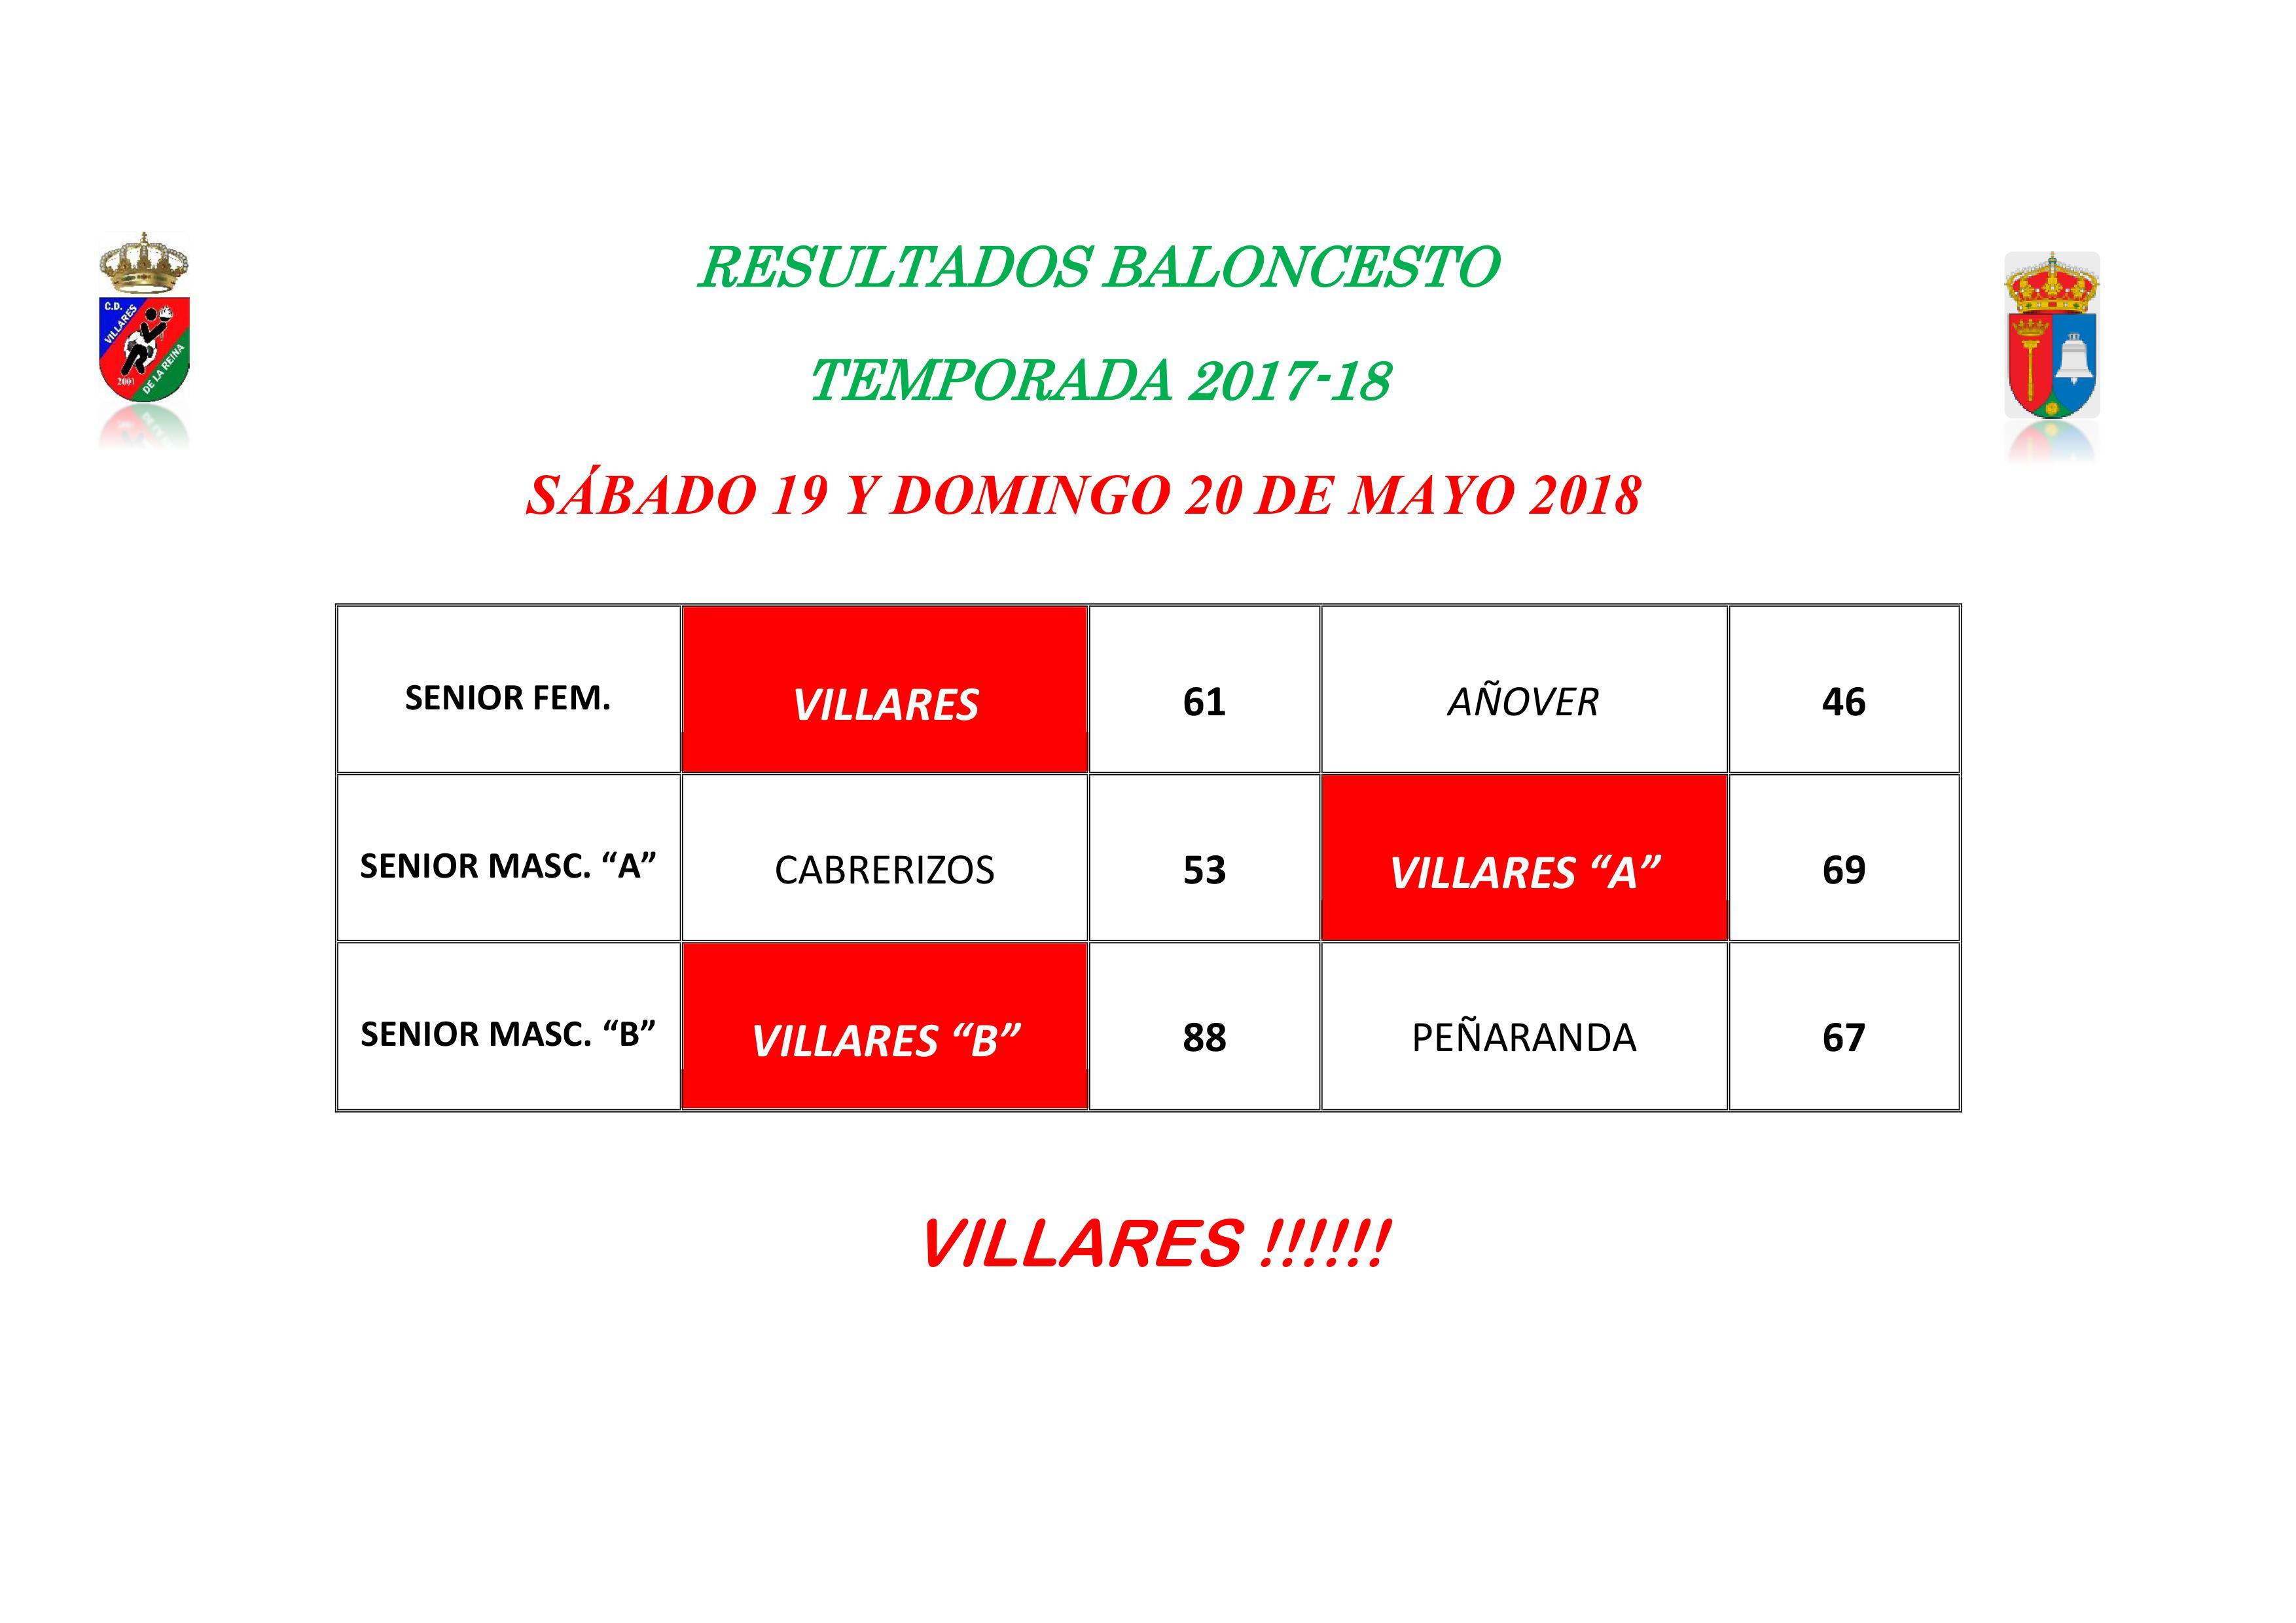 RESULTADOS BALONCESTO S�BADO 19 Y DOMINGO 20 DE MAYO